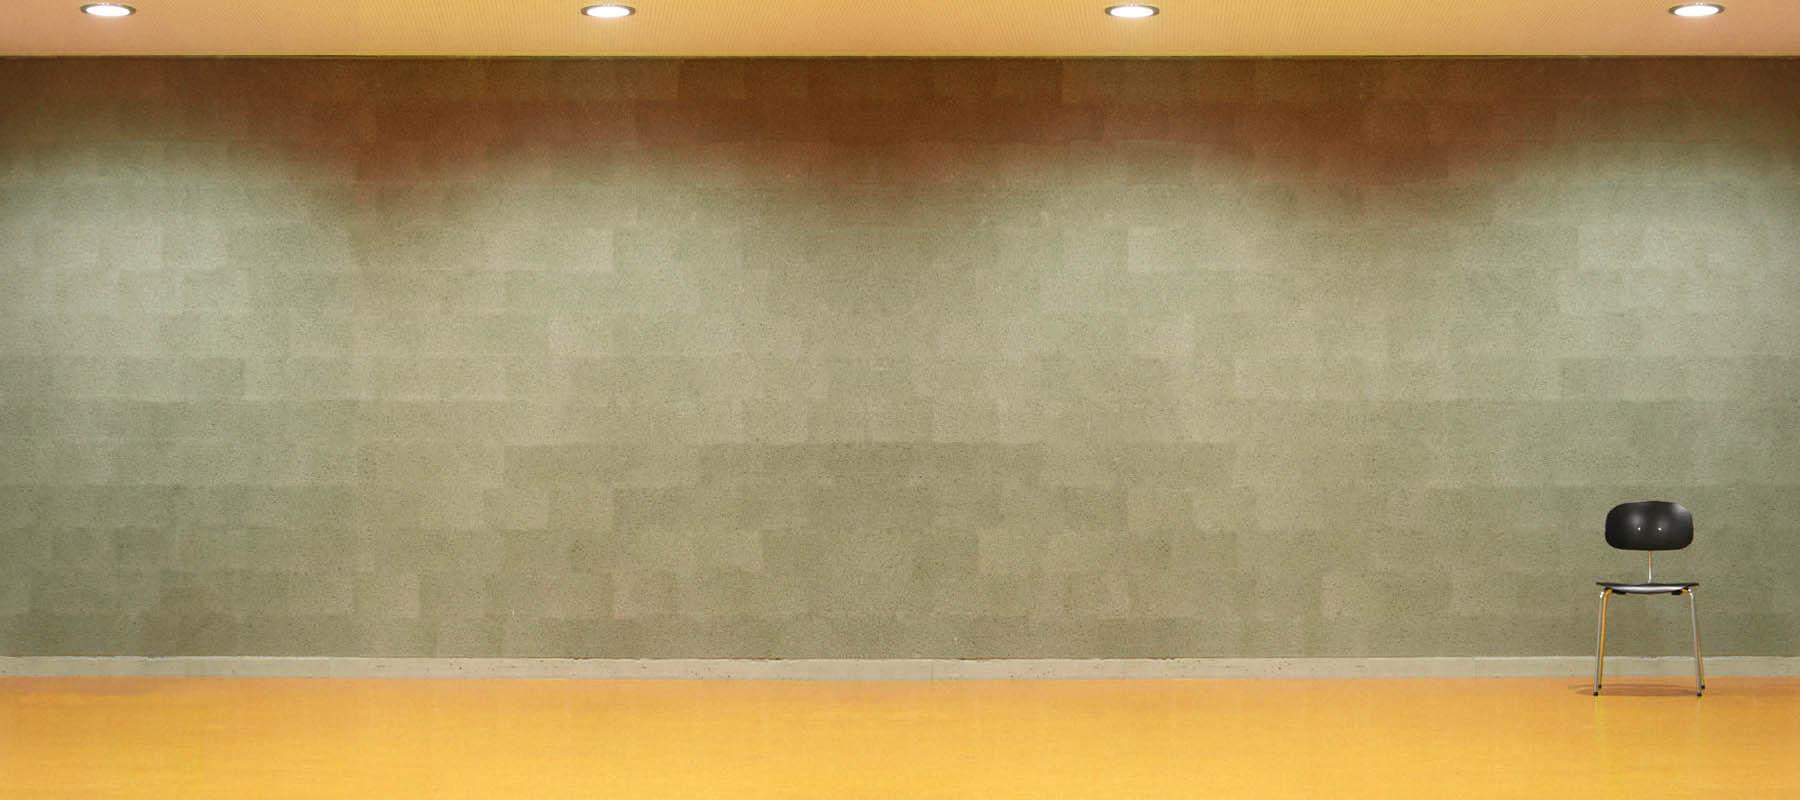 Full Size of Steckwerk Regal Konfigurieren Shop Steckregal Erweiterbares Schmal Tv Schlafzimmer Modular Tiefe 30 Cm Glasregal Bad Kinderzimmer Weiß Kleines Regale Selber Regal Regal Konfigurator